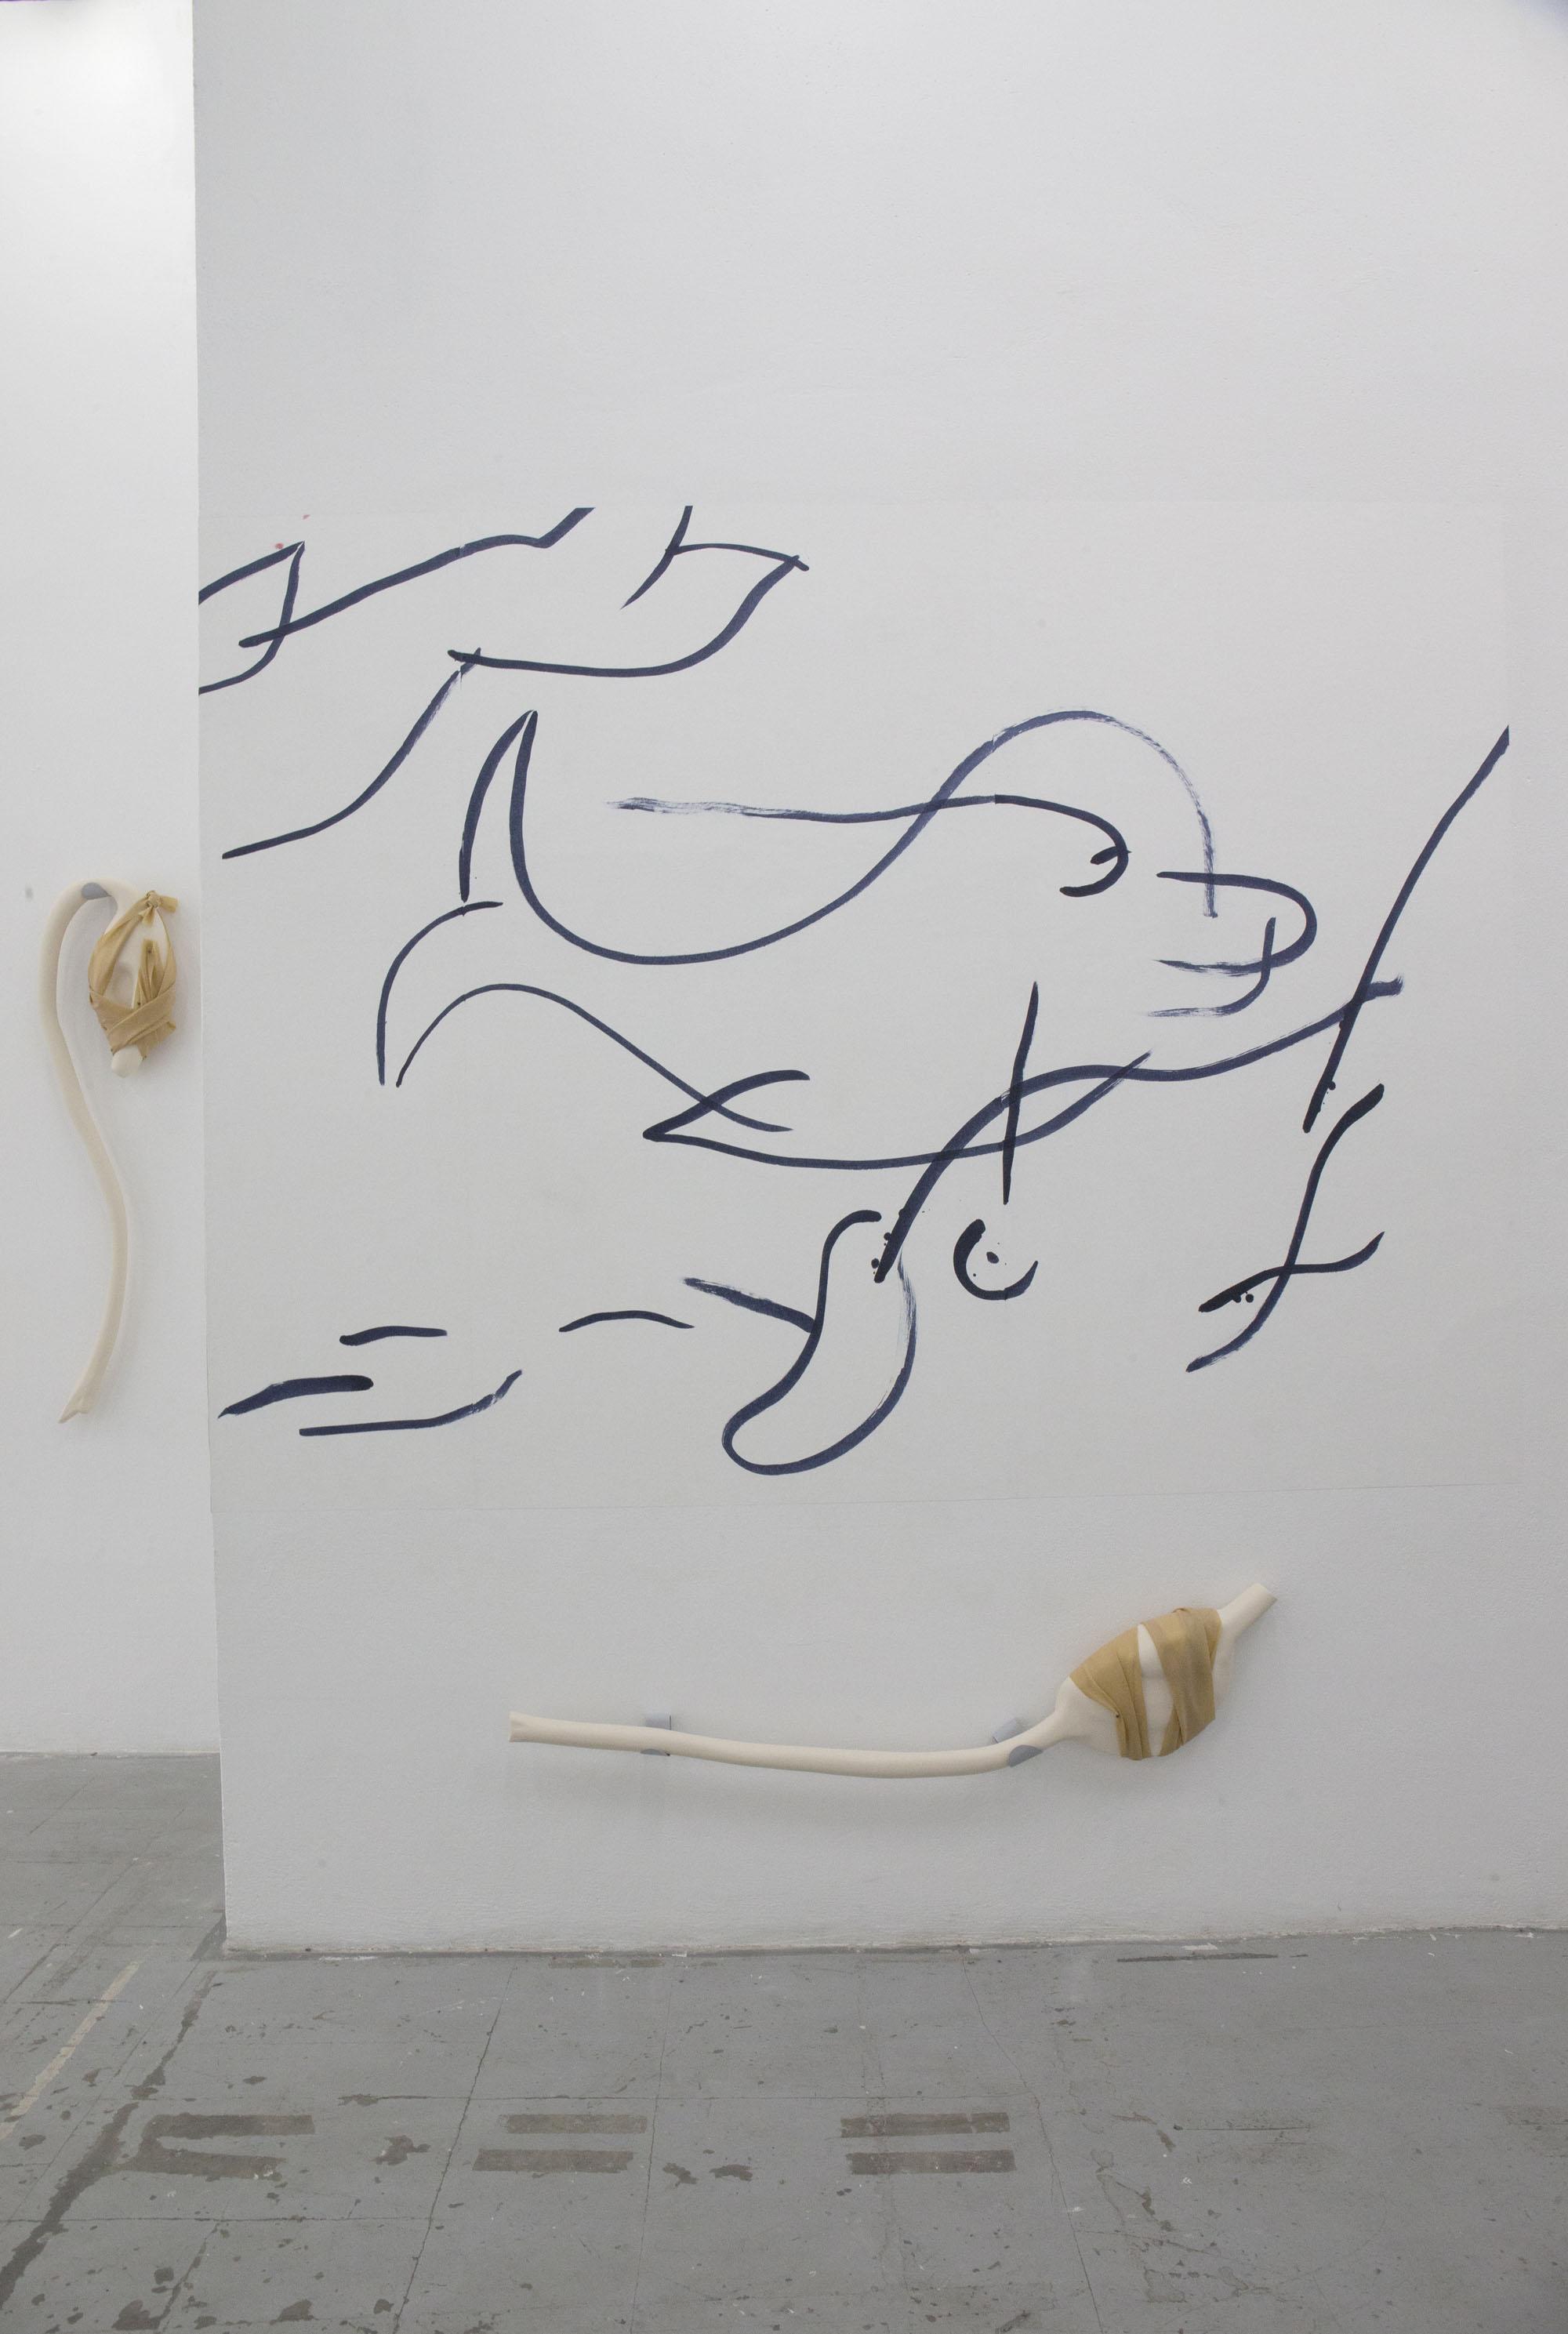 10_Quart d'heure américain - heiwata - Mains d'Oeuvres - Exhibition views.jpg